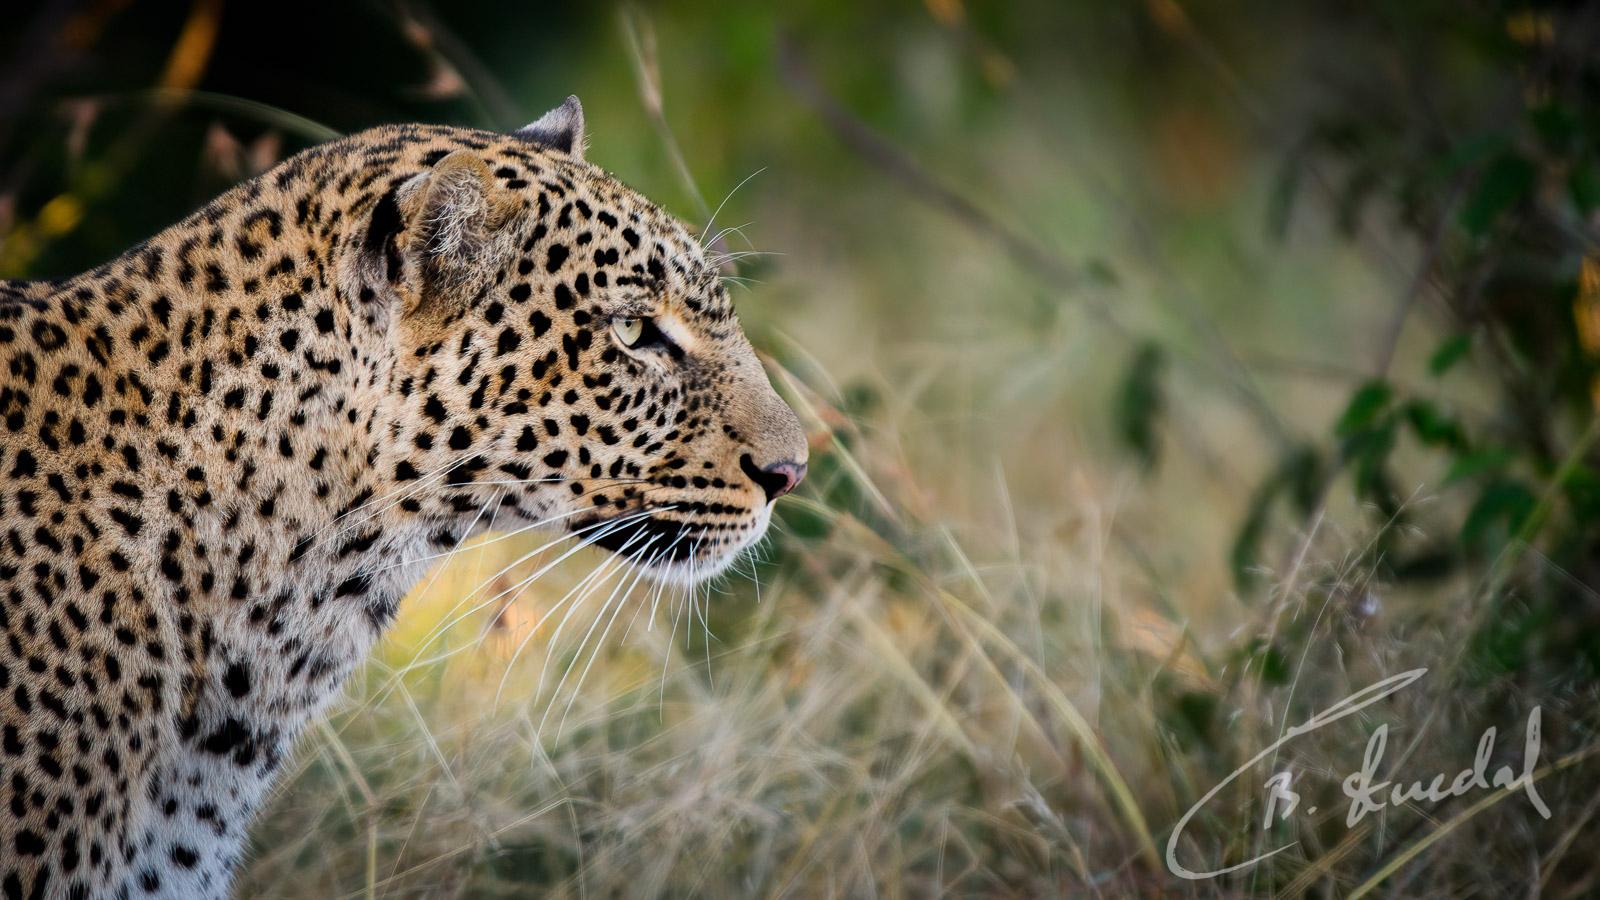 Leopard side profile